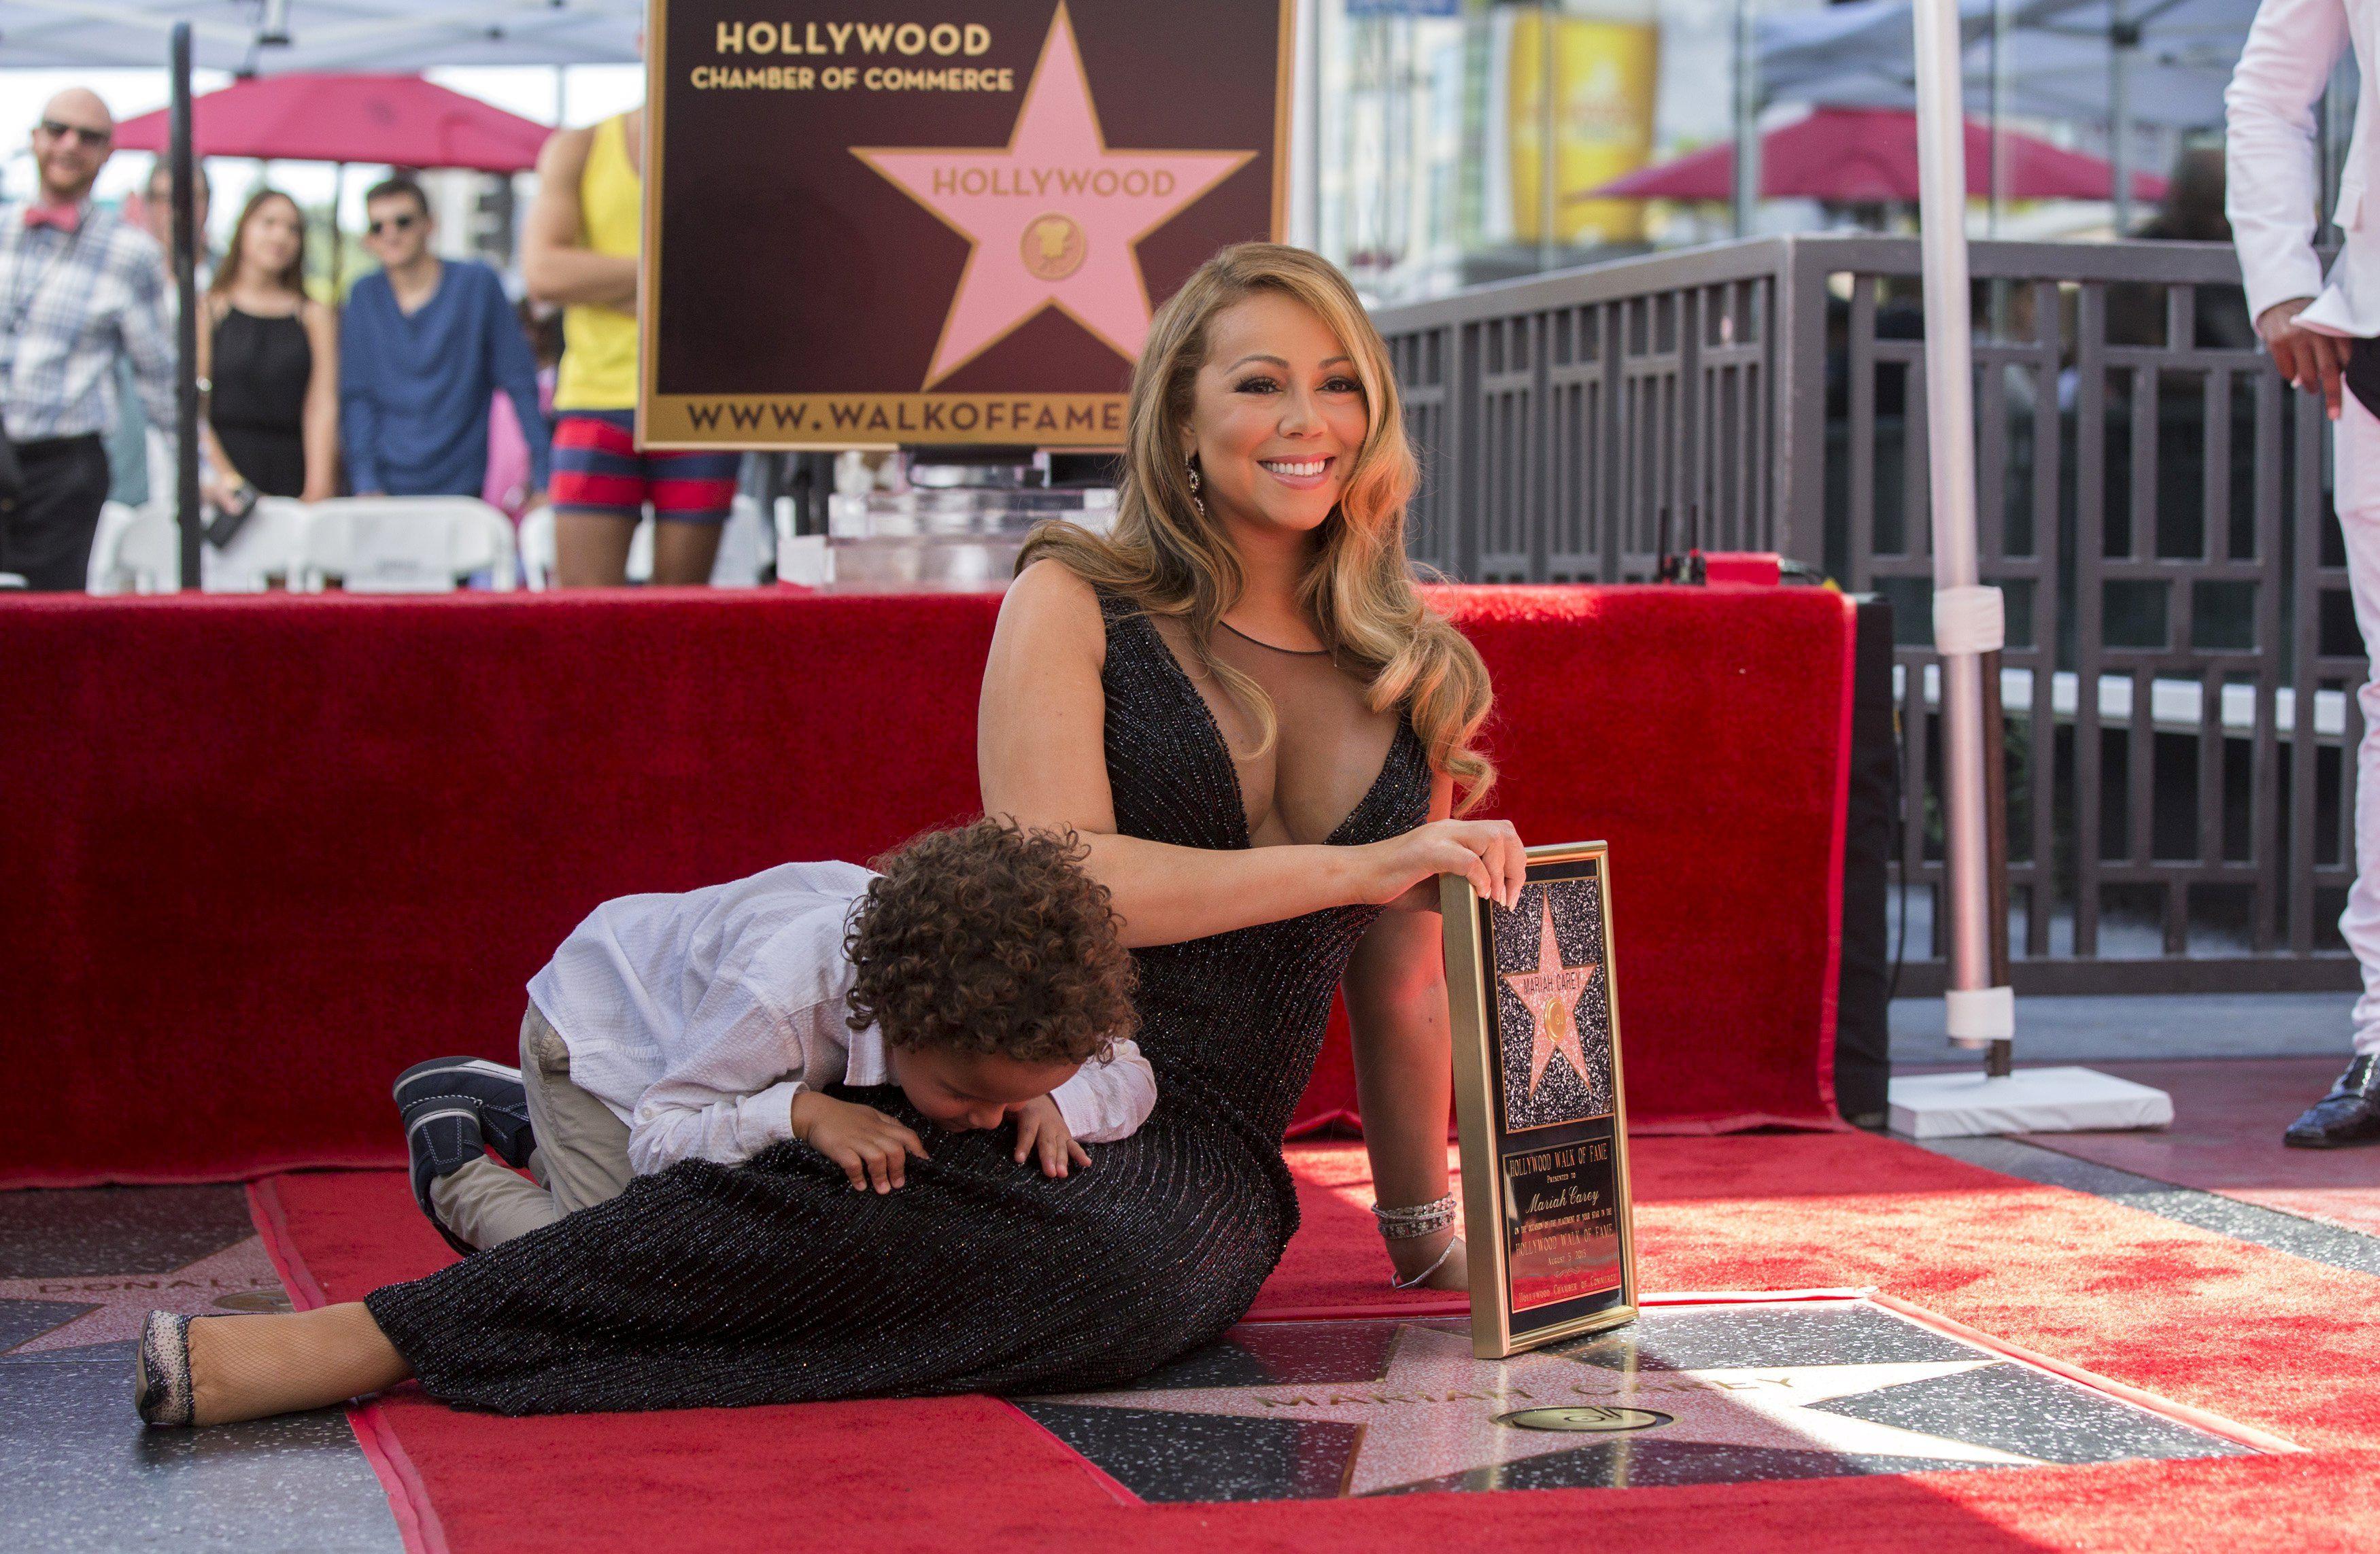 Мэрайя Кэри полежала возле своей звезды на Аллее славы